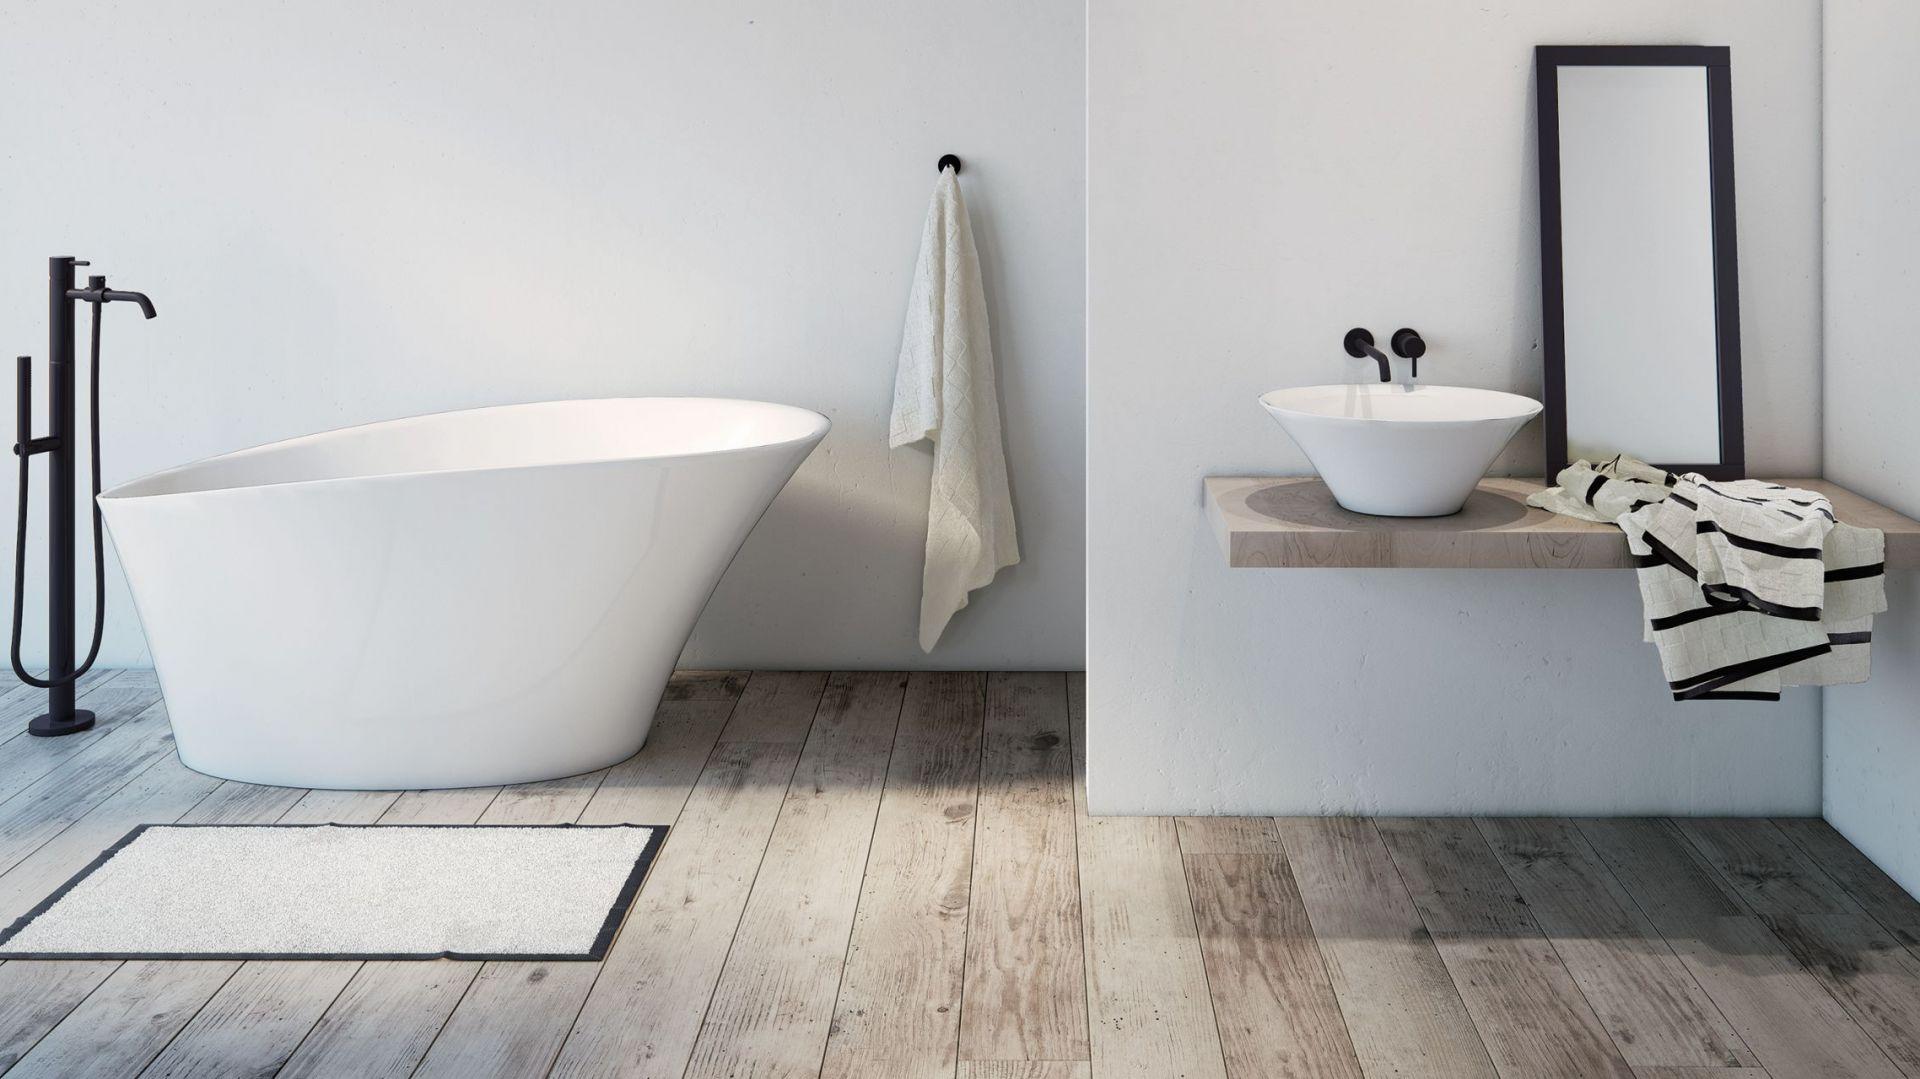 Niewielka wanna wolnostojąca oraz umywalka nablatowa z kolekcji Sofi. Fot. Marmorin Design